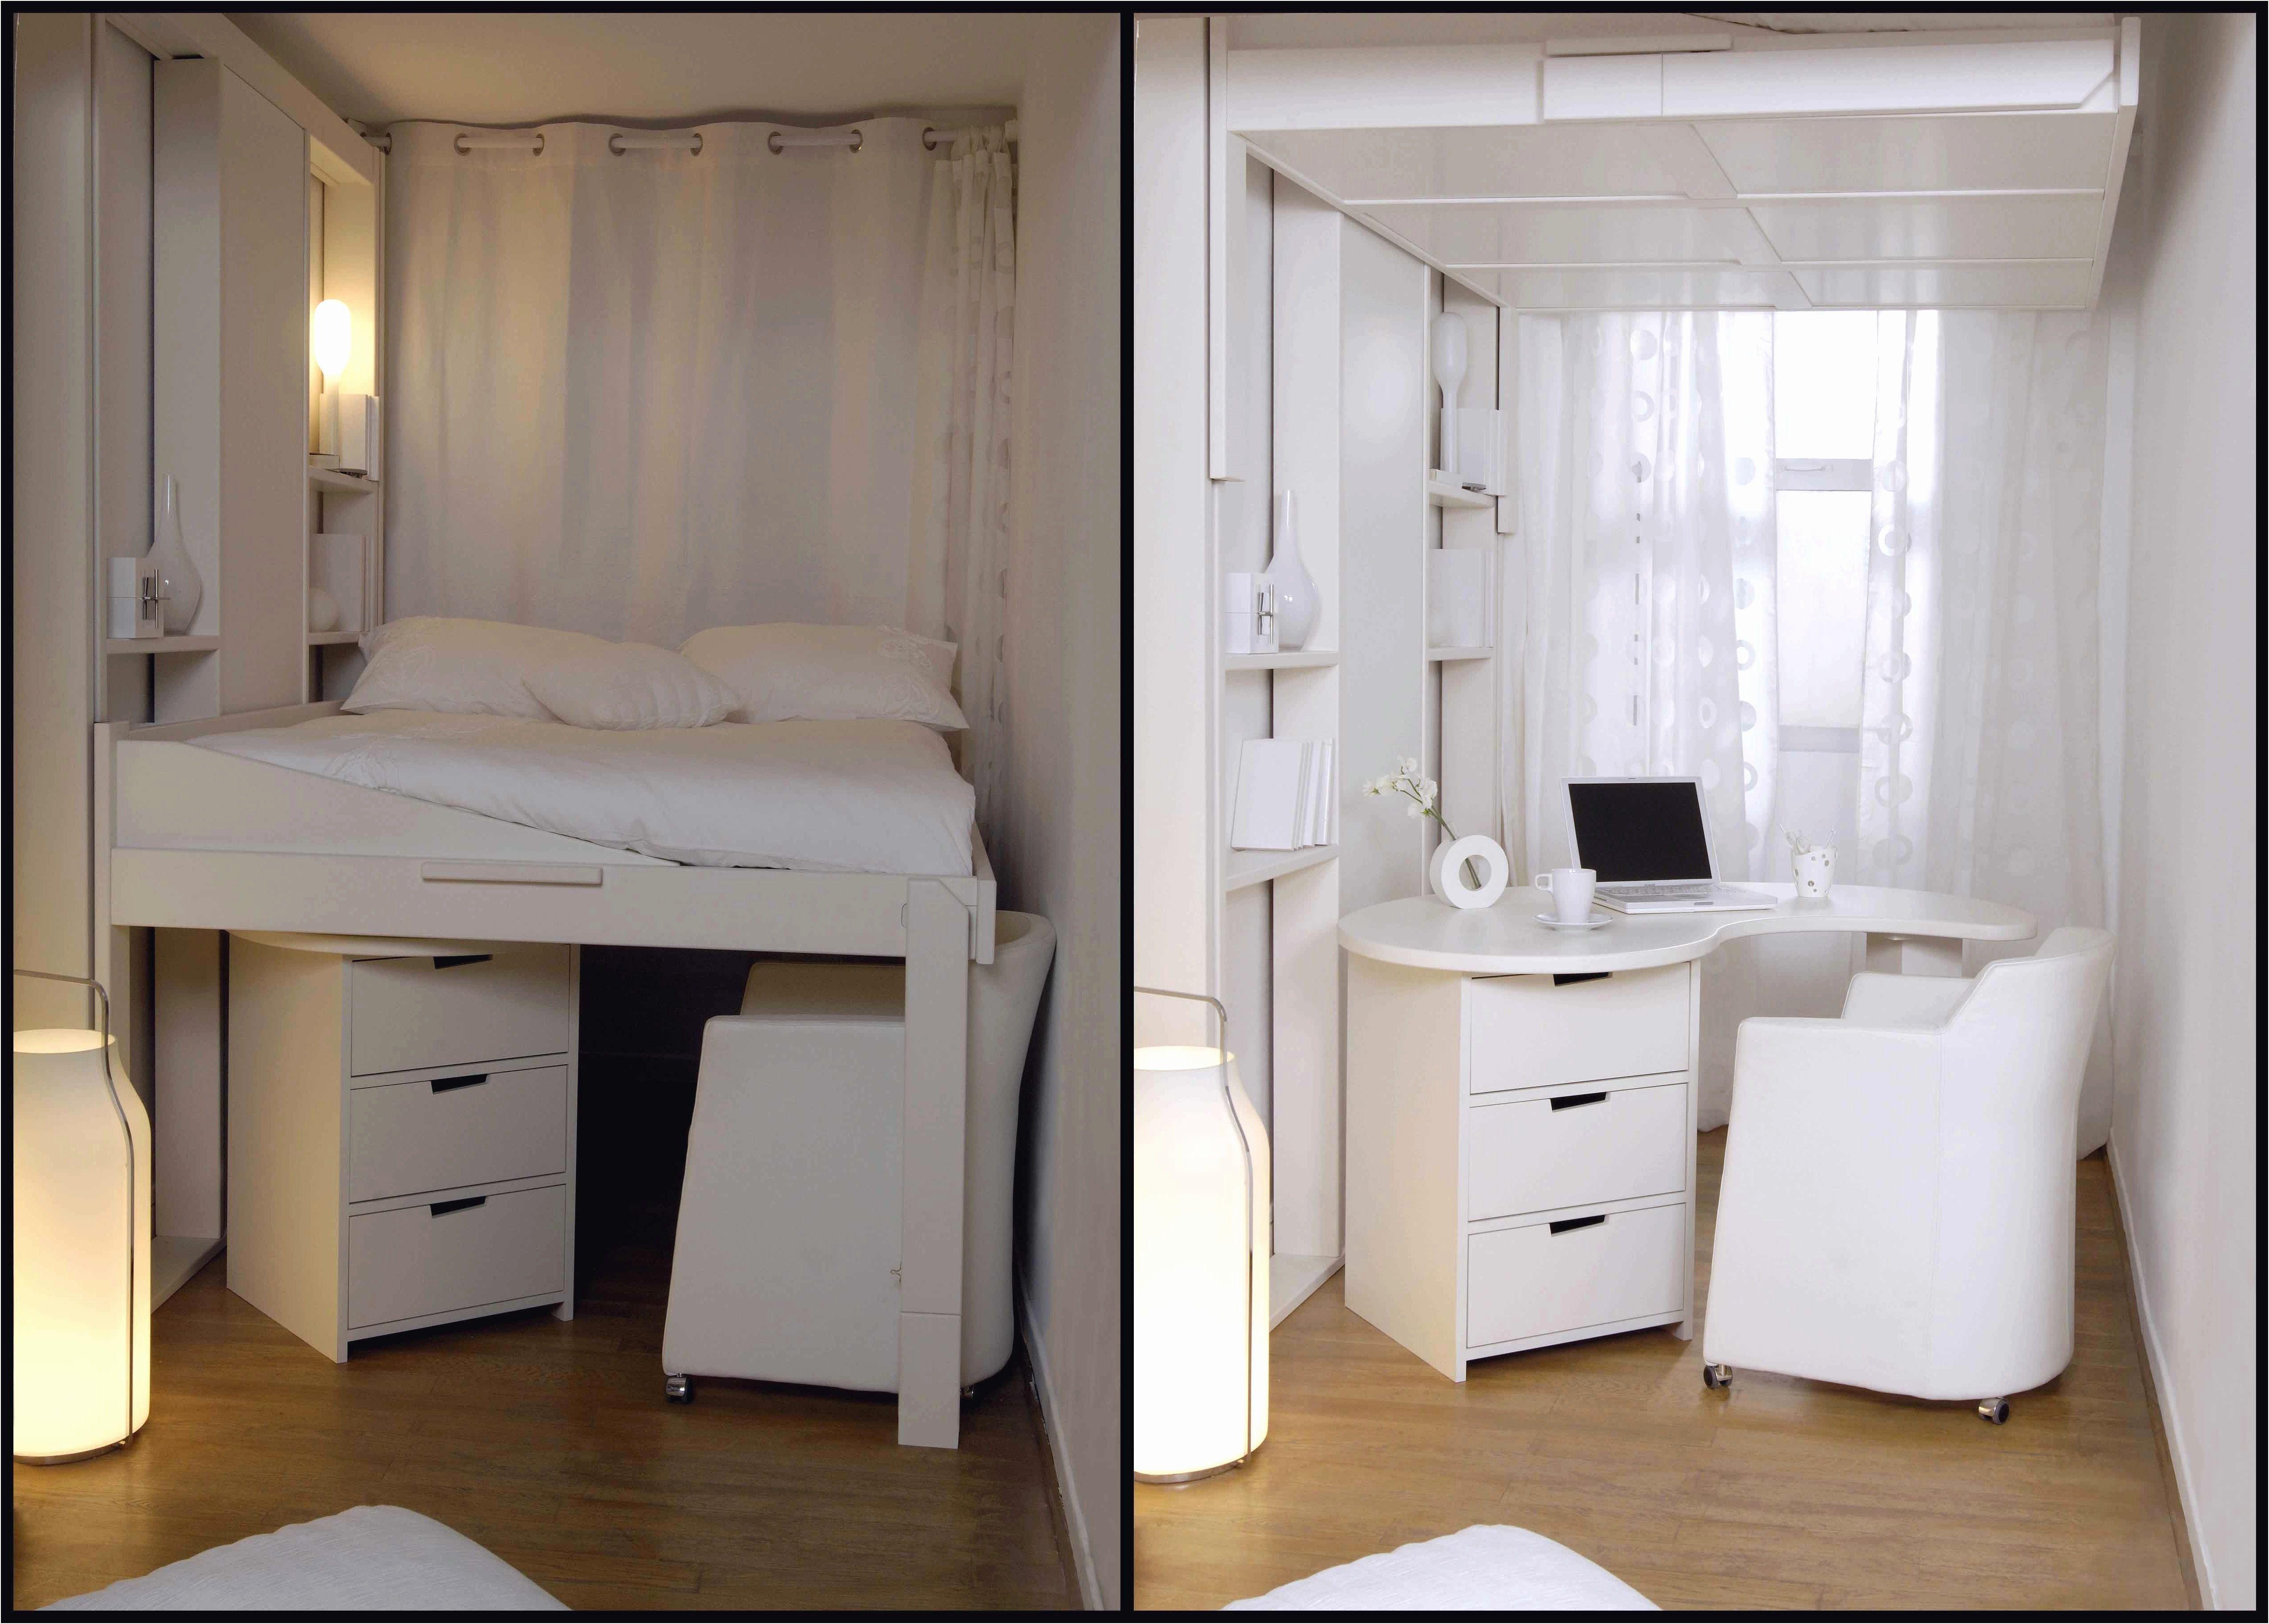 Lit Escamotable Ikea 2 Places Charmant 35 Frais Galerie De Lit Mural Escamotable Ikea